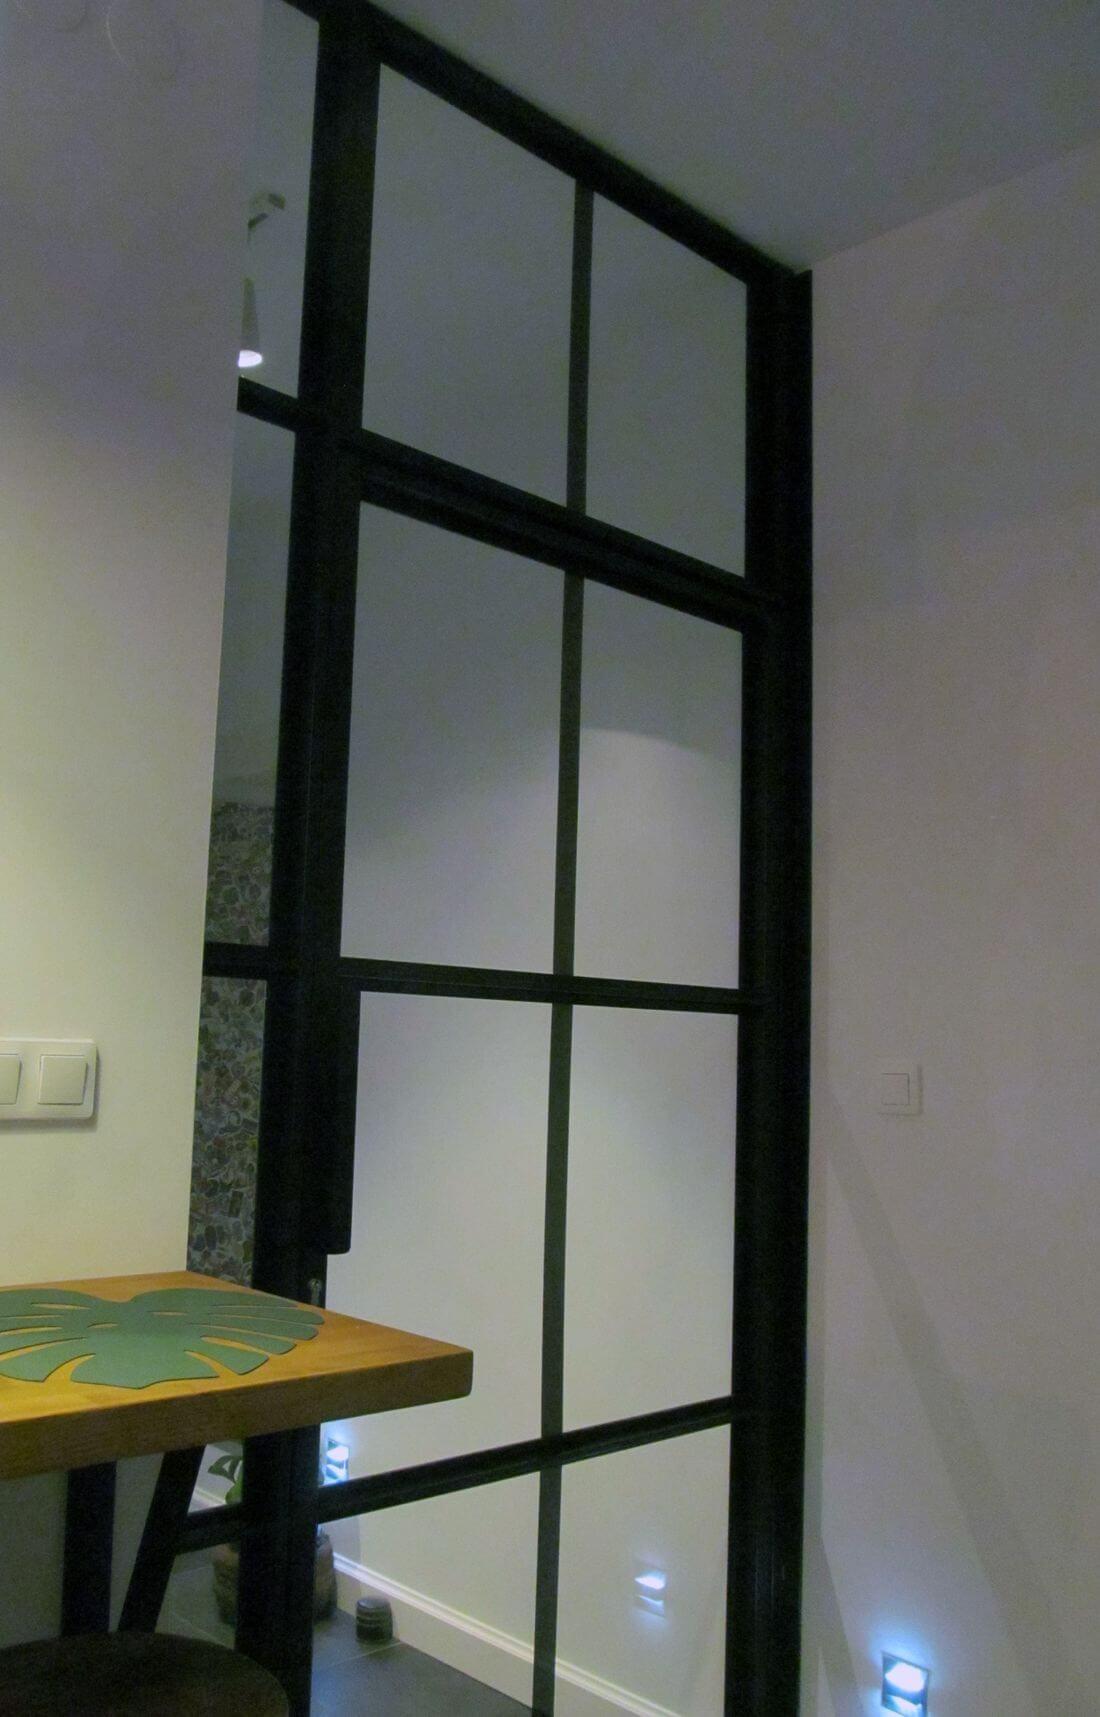 Mieszkanie Loft - Warszawa Praga – Loftowe drzwi metalowo-szklane zamykane na klucz w przedsionku mieszkania